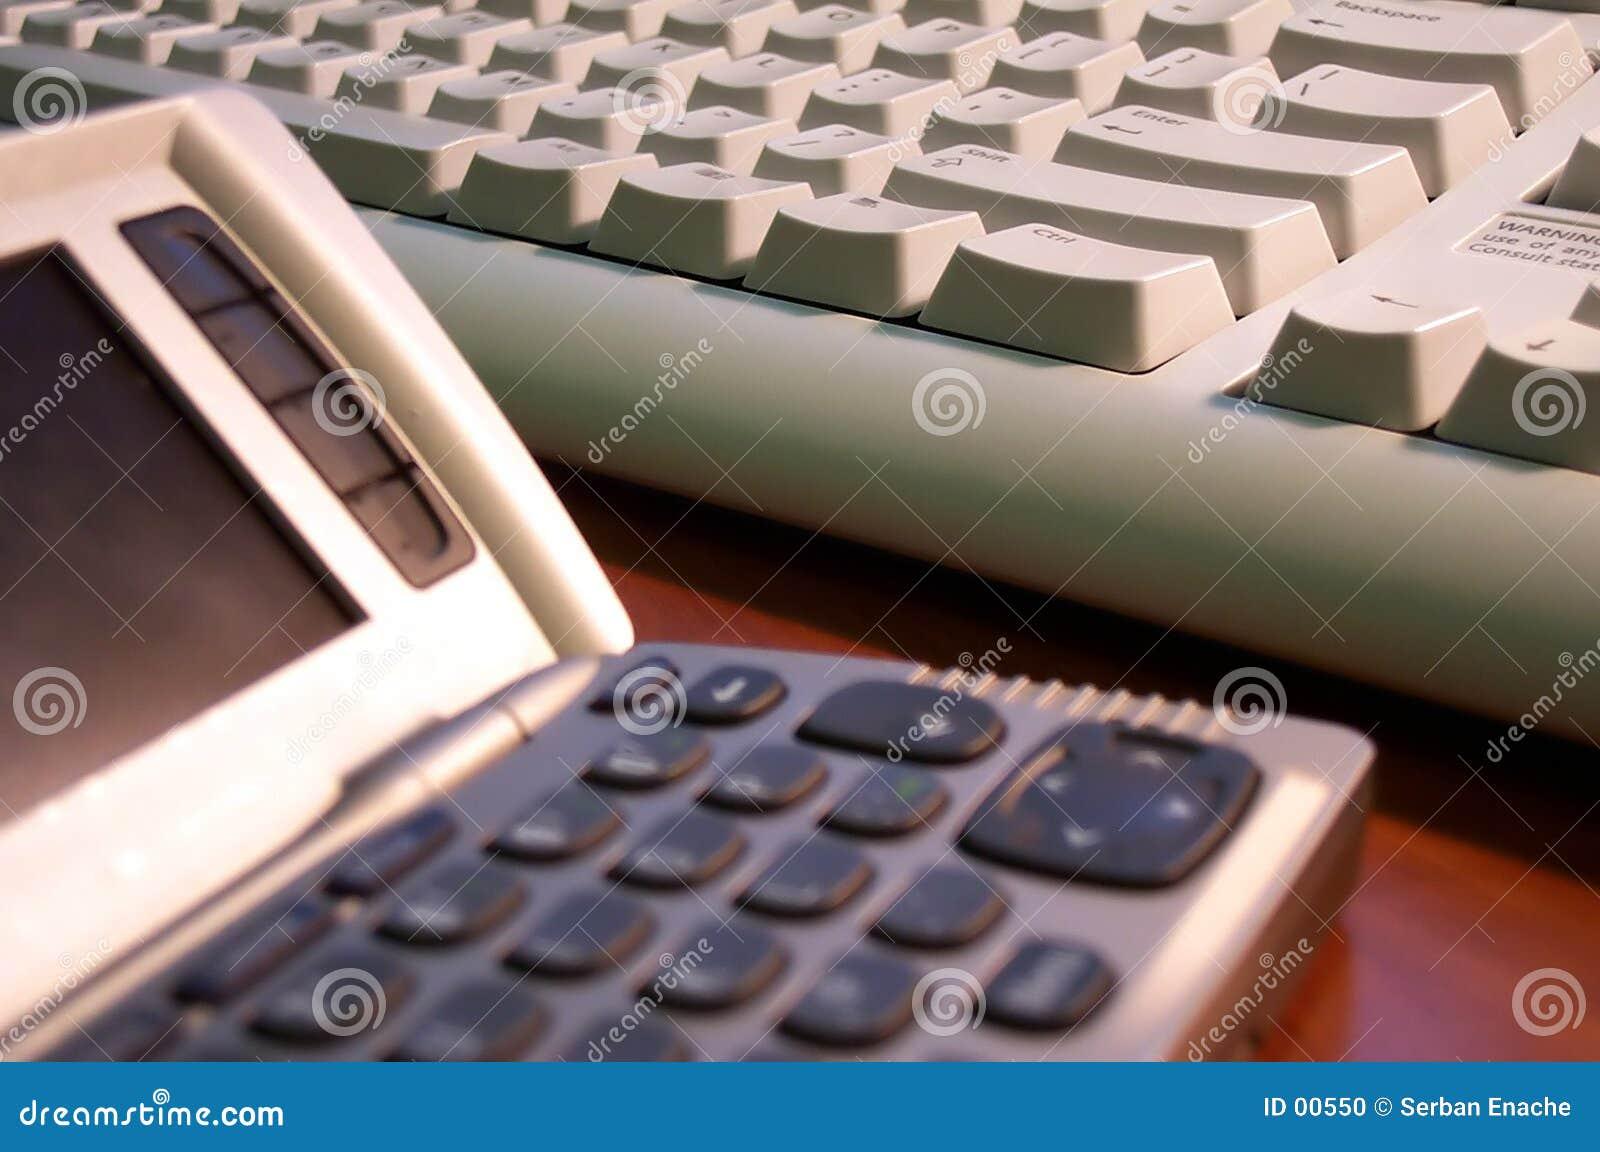 Communicator and keyboard